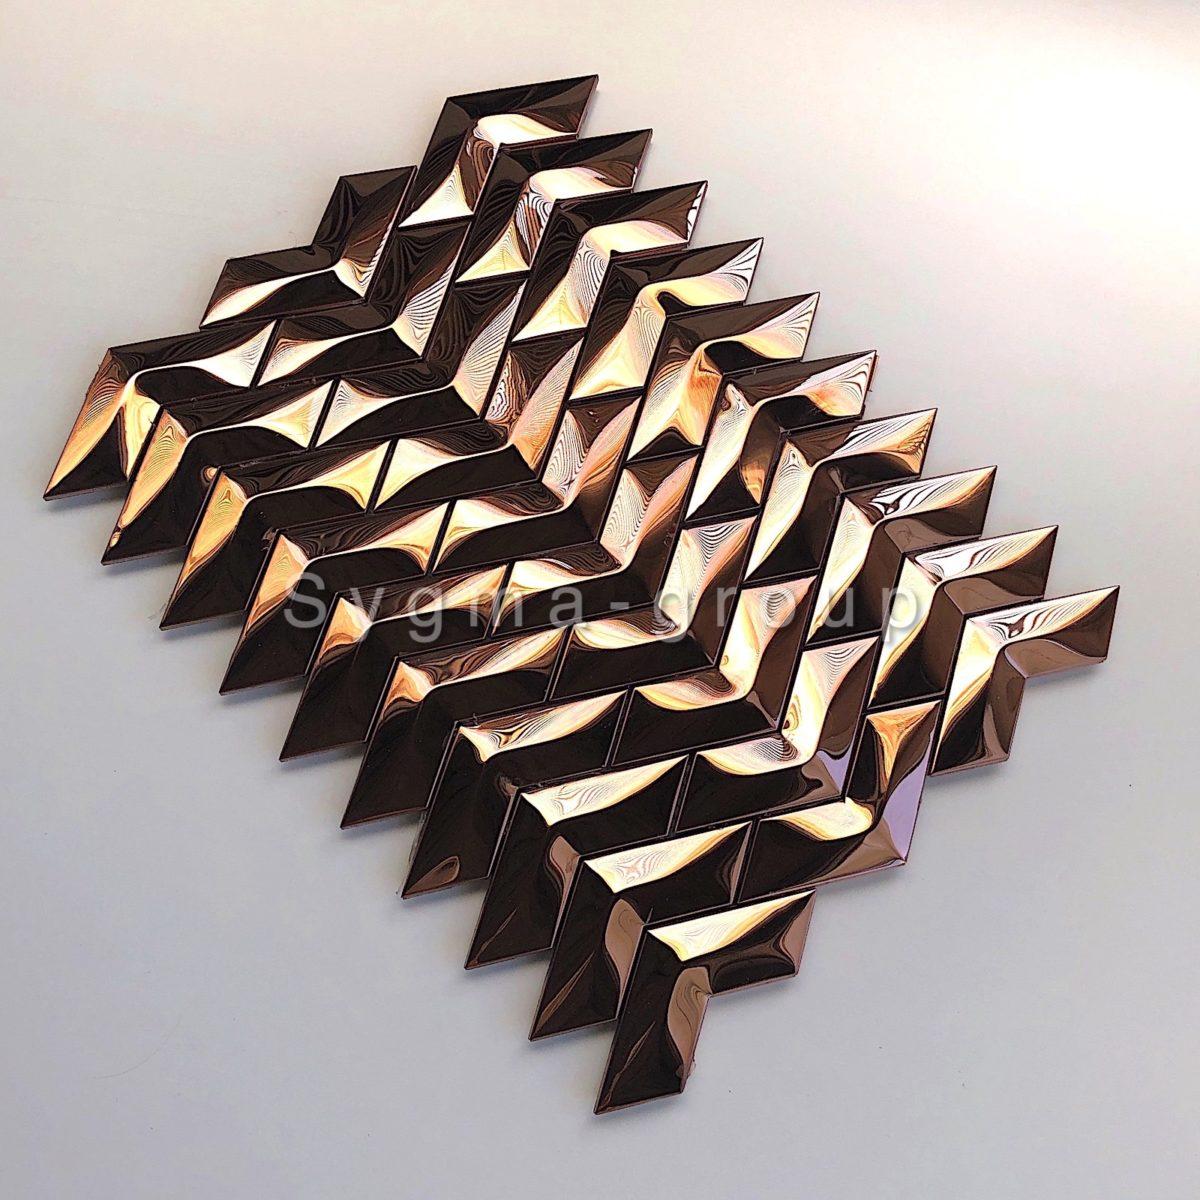 Plaque de carrelage mosaique en acier inoxydable pour un mur de cuisine ou de salle de bains modele VERNET